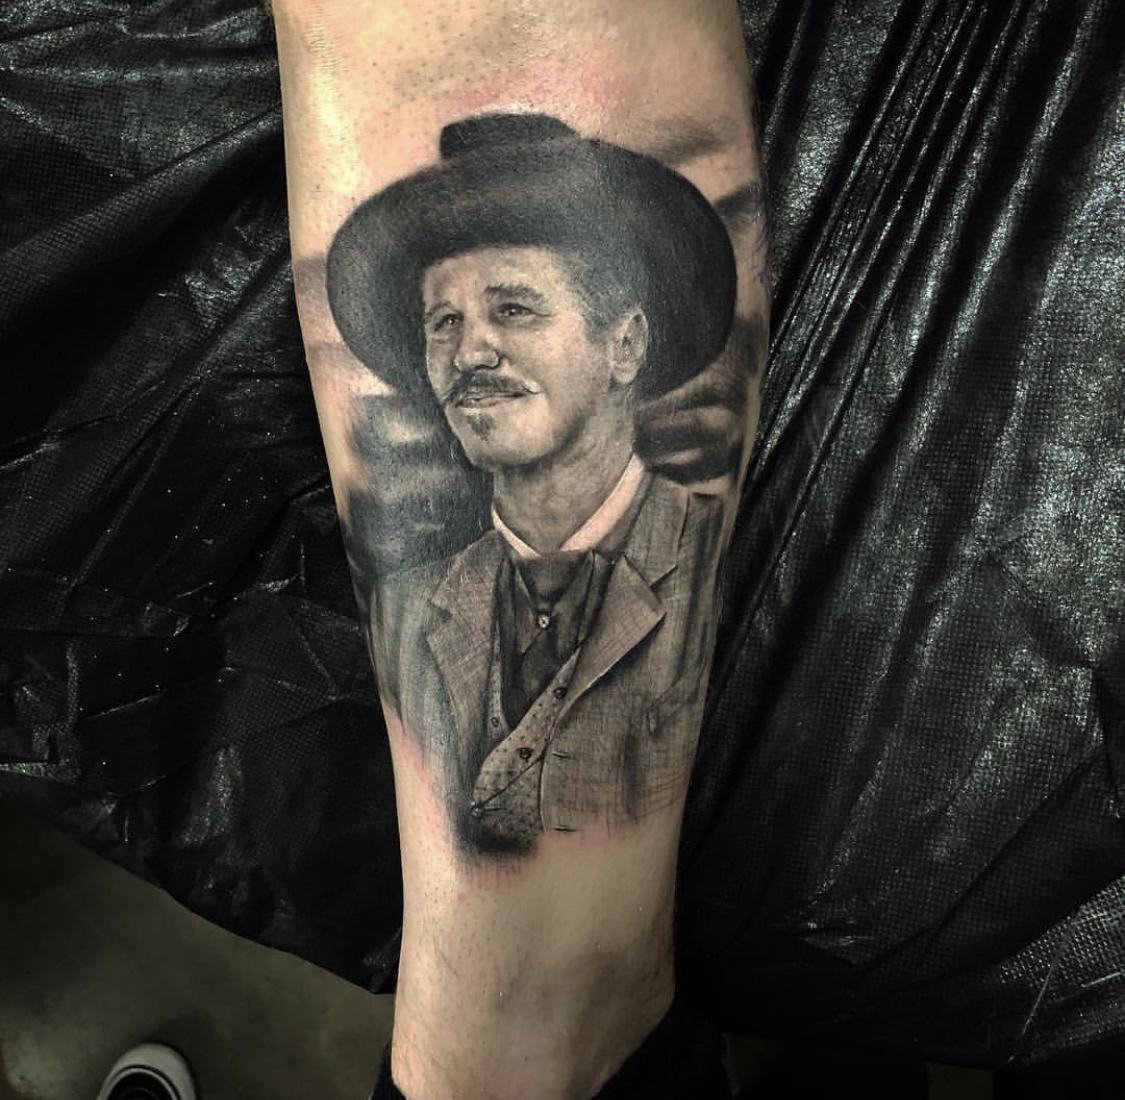 Western Tattoo